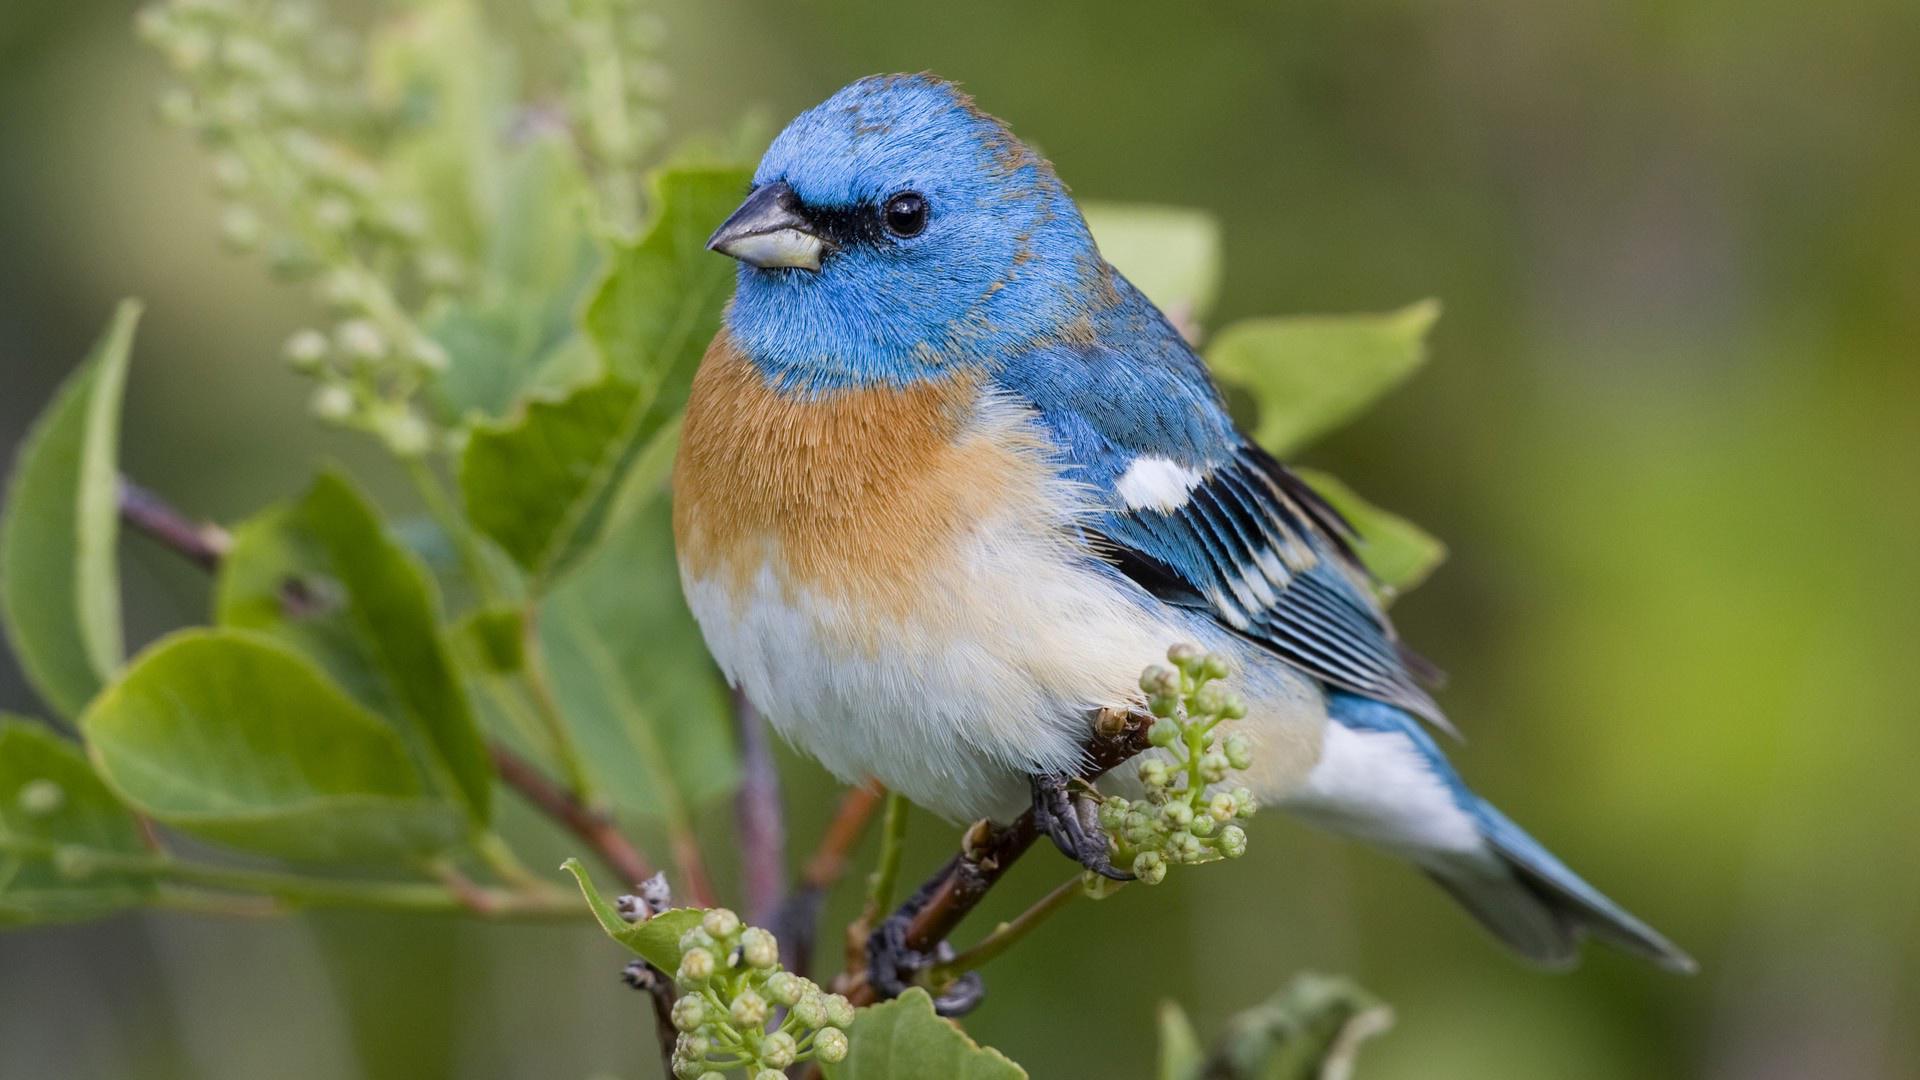 BLUE BIRD WALLPAPER   114506   HD Wallpapers   [WallpapersInHQcom] 1920x1080